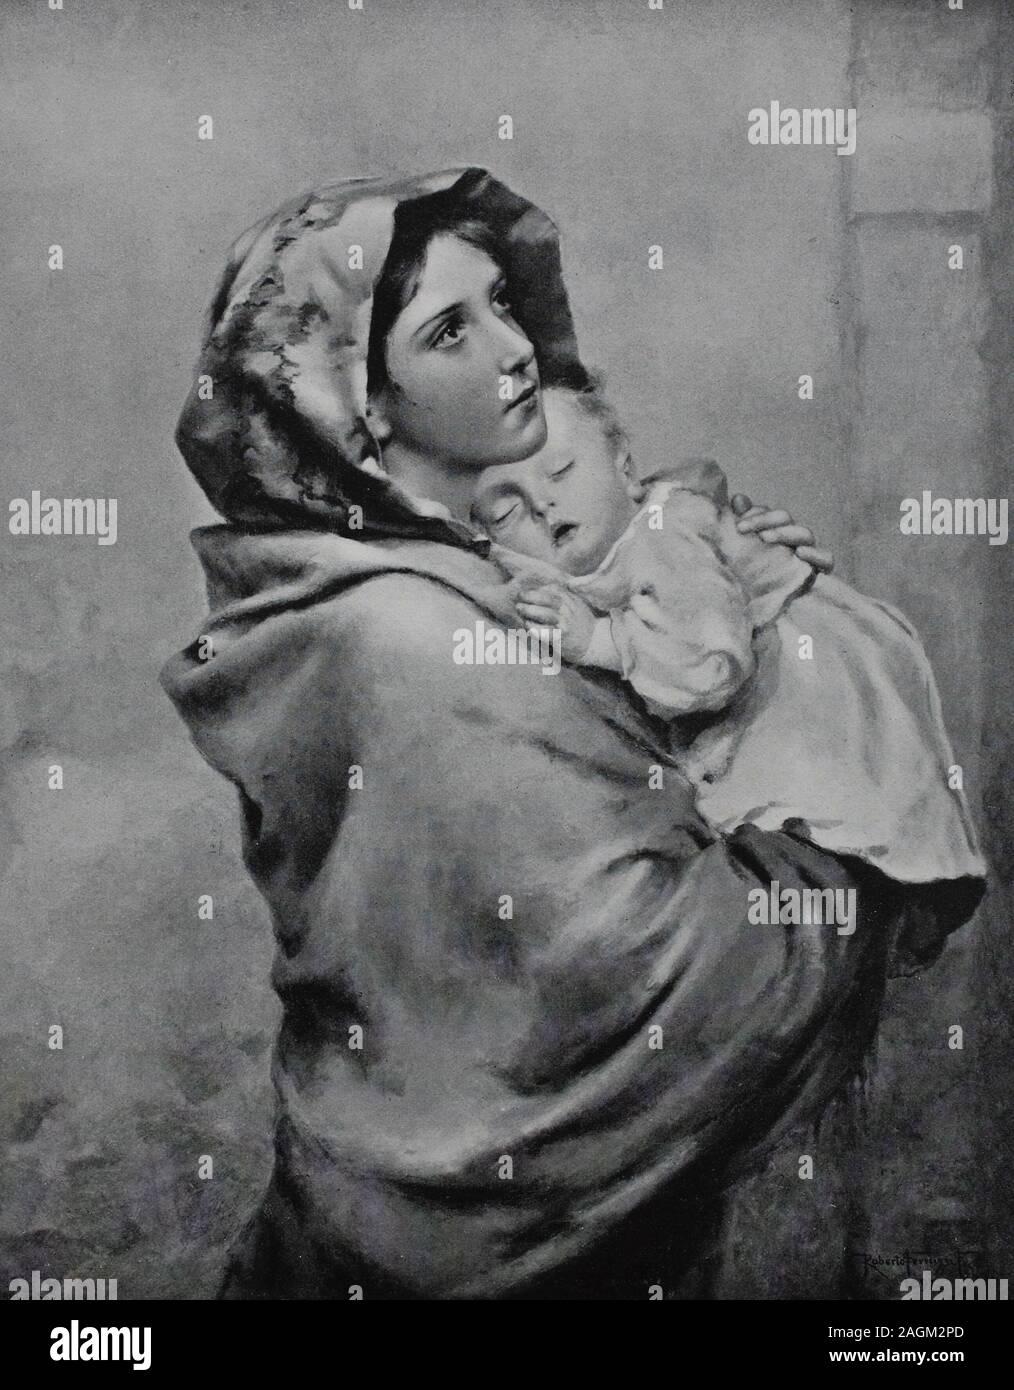 young woman with a baby on her arm, original print from the year 1899, junge Frau mit einem Baby auf ihrem Arm, Reproduktion einer Originalvorlage aus dem 19. Jahrhundert, digital verbessert Stock Photo